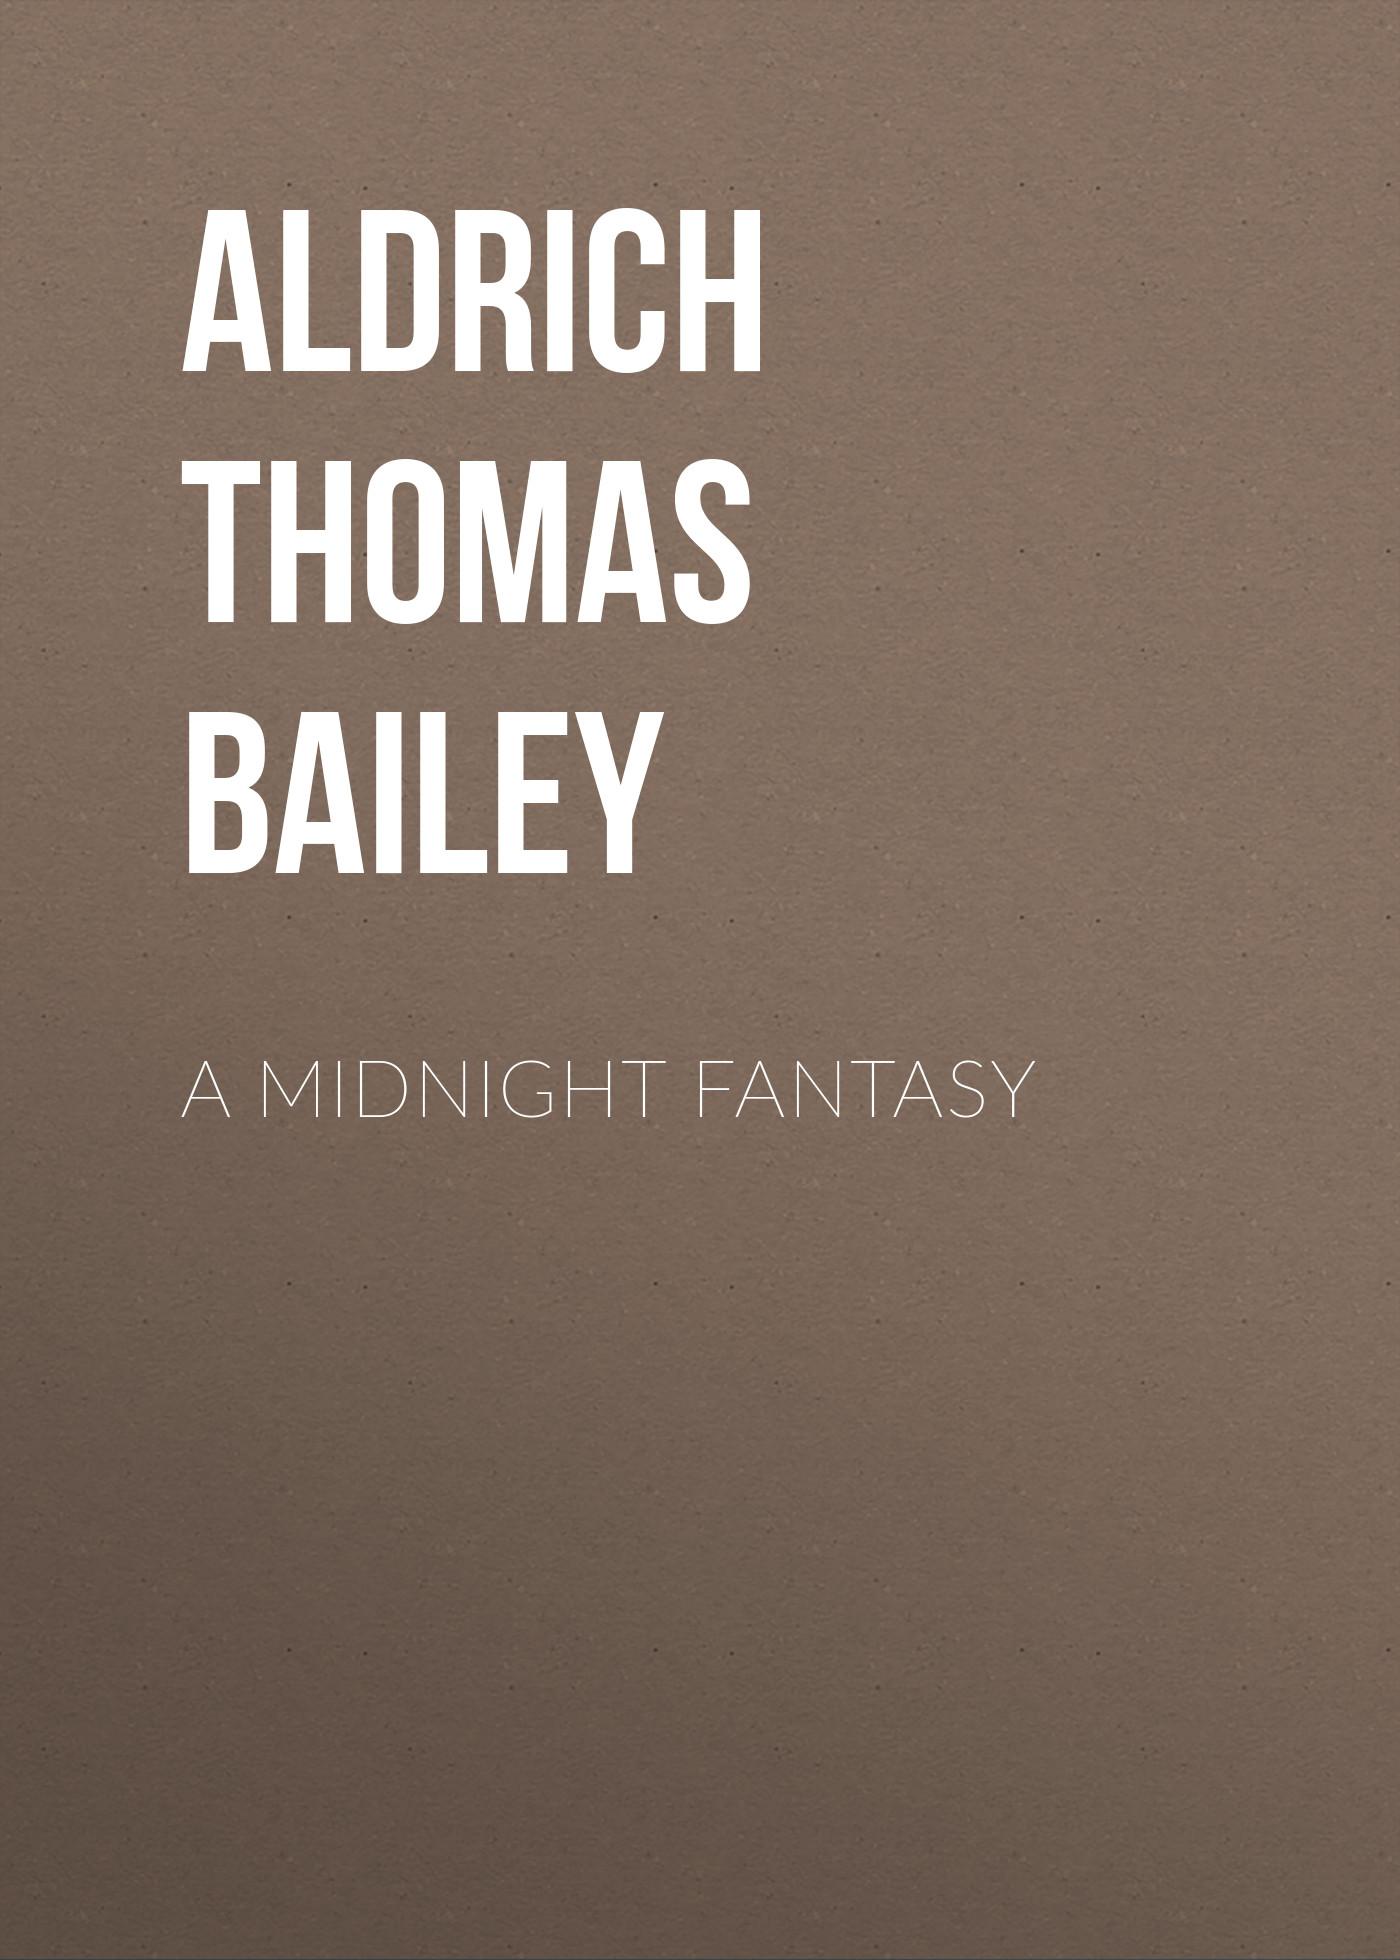 Aldrich Thomas Bailey A Midnight Fantasy aldrich thomas bailey wyndham towers